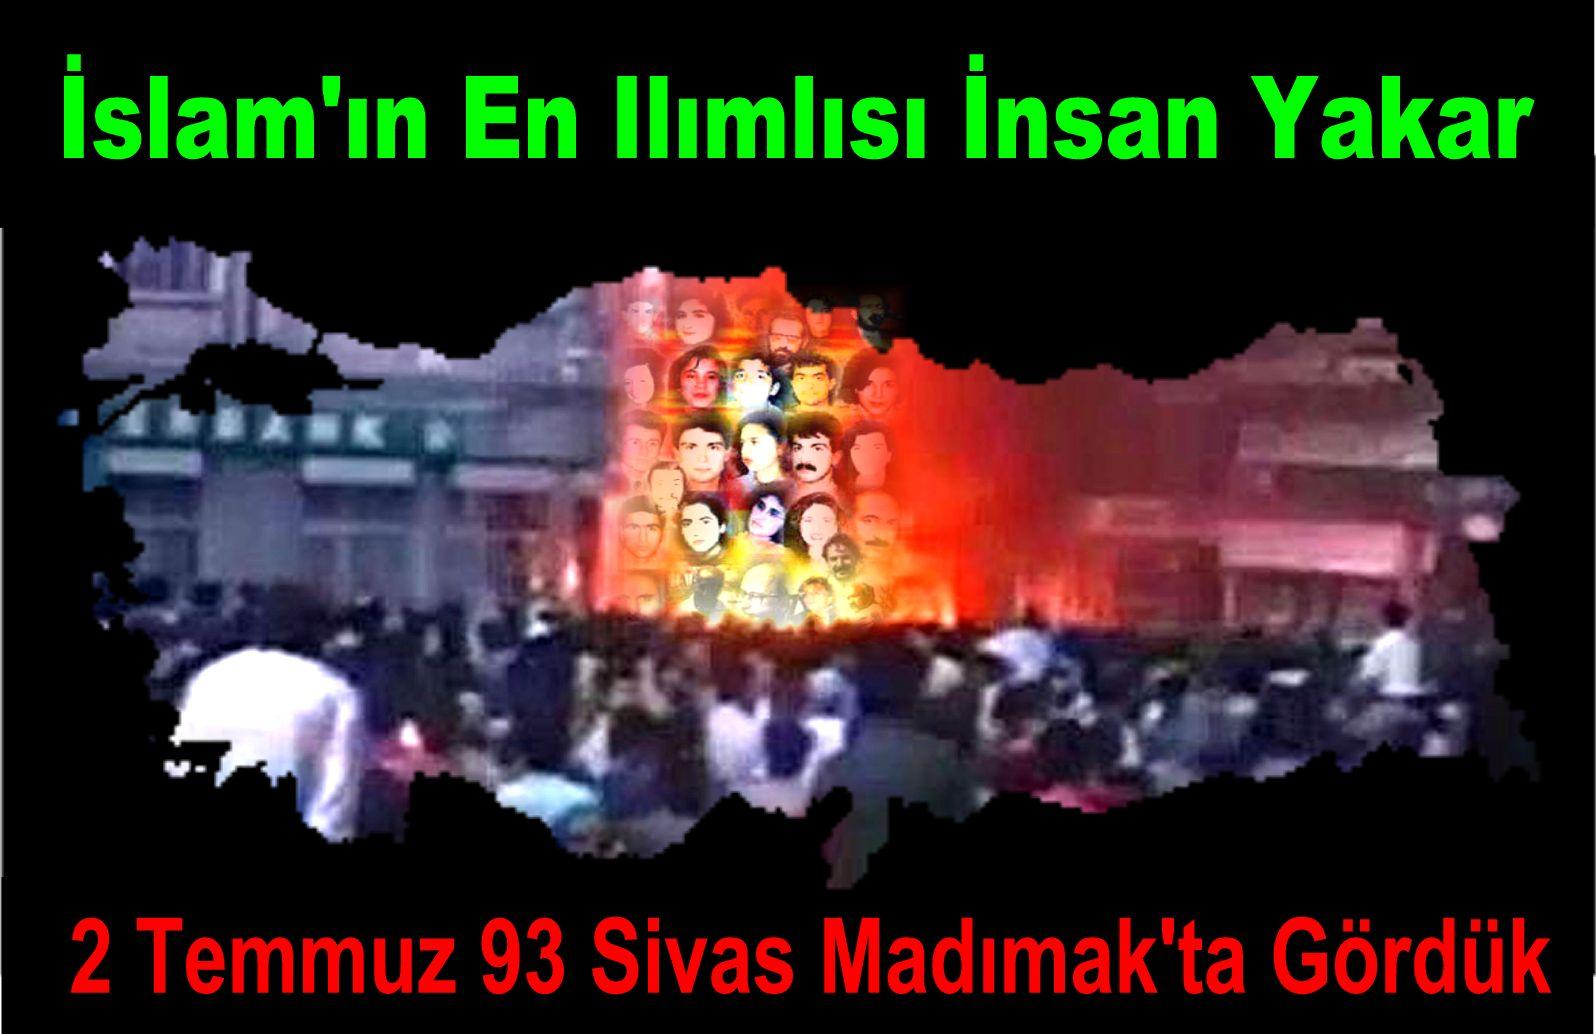 Devrimci Aleviler Birliği DAB Alevi Kızılbaş Bektaşi pir sultan cem hz Ali 12 imam semah Feramuz Şah Acar ilimliislam